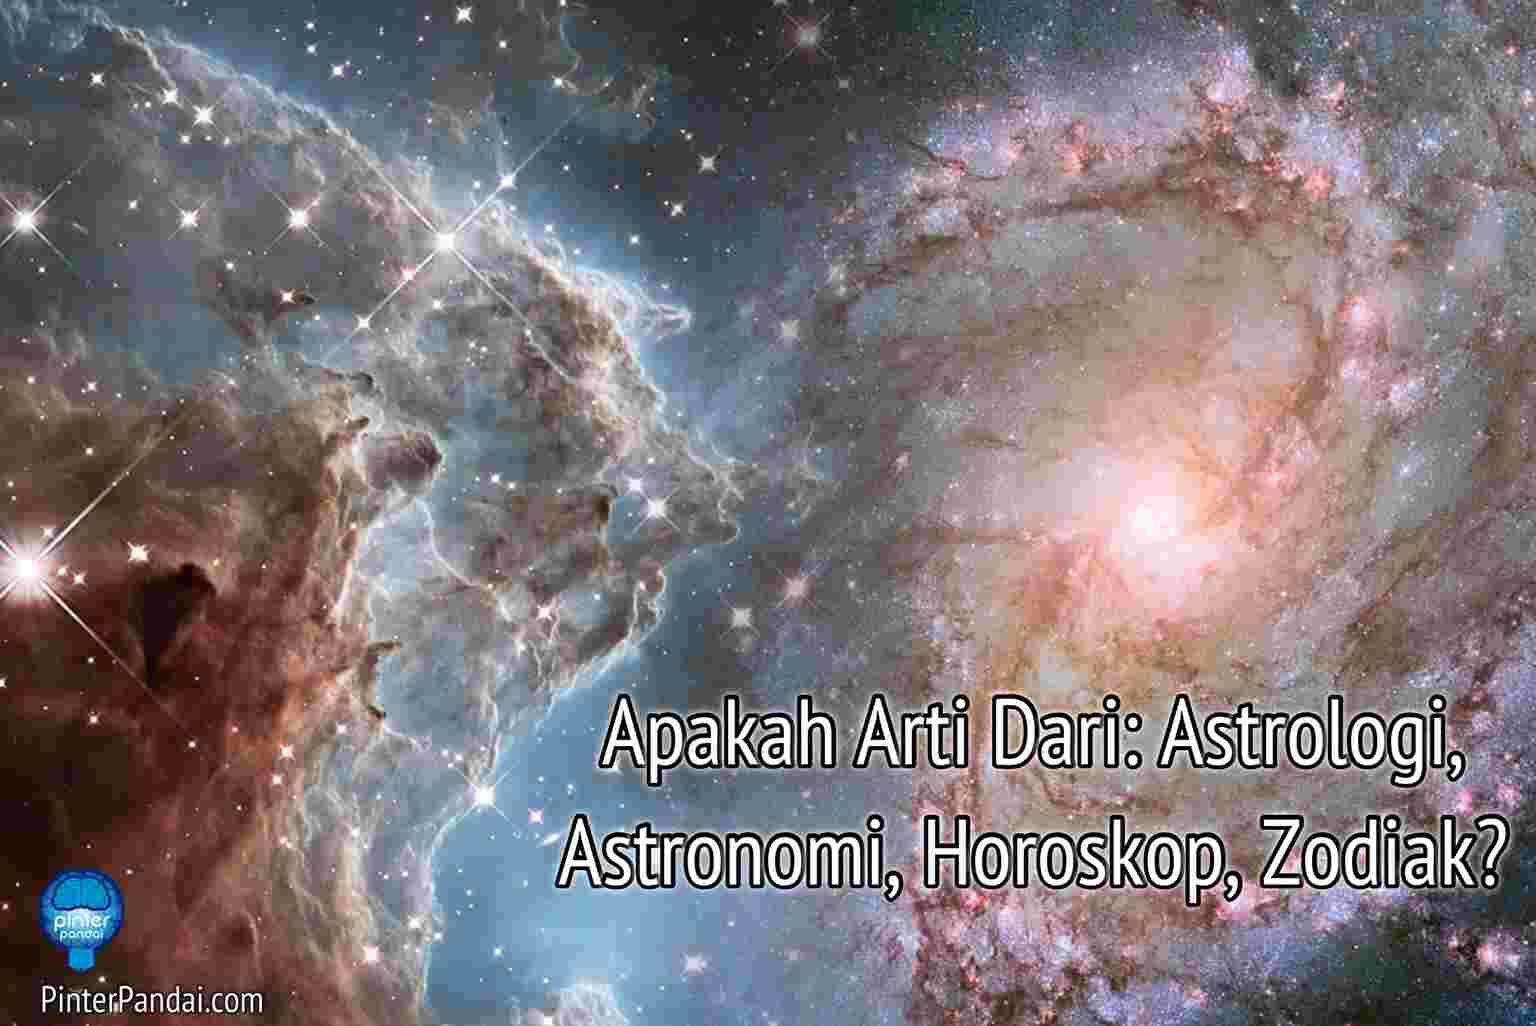 Astrologi, Astronomi, Horoskop, Zodiak